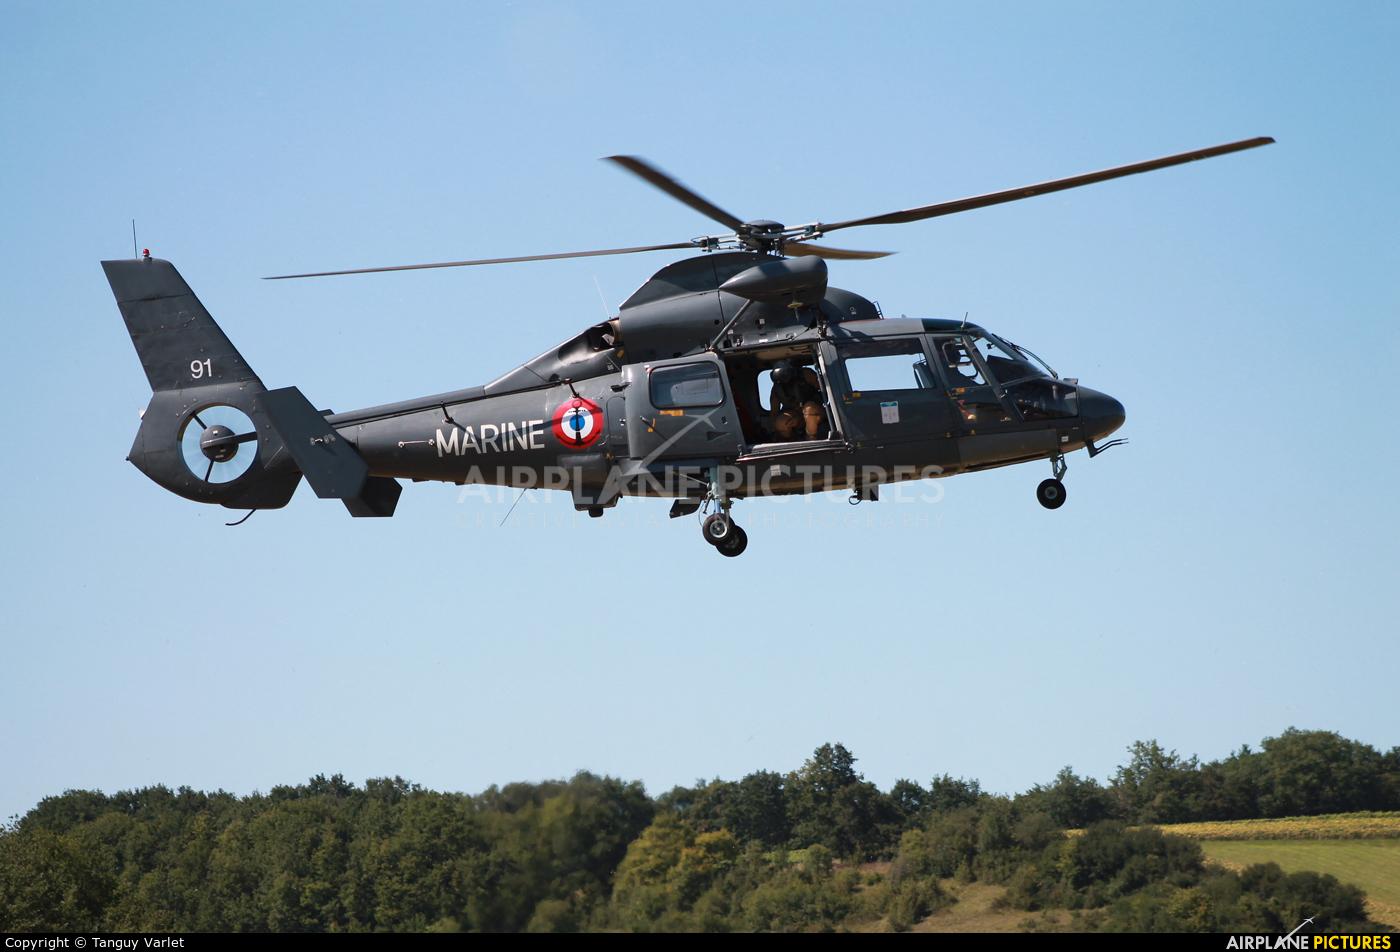 France - Navy 91 aircraft at Off Airport - France